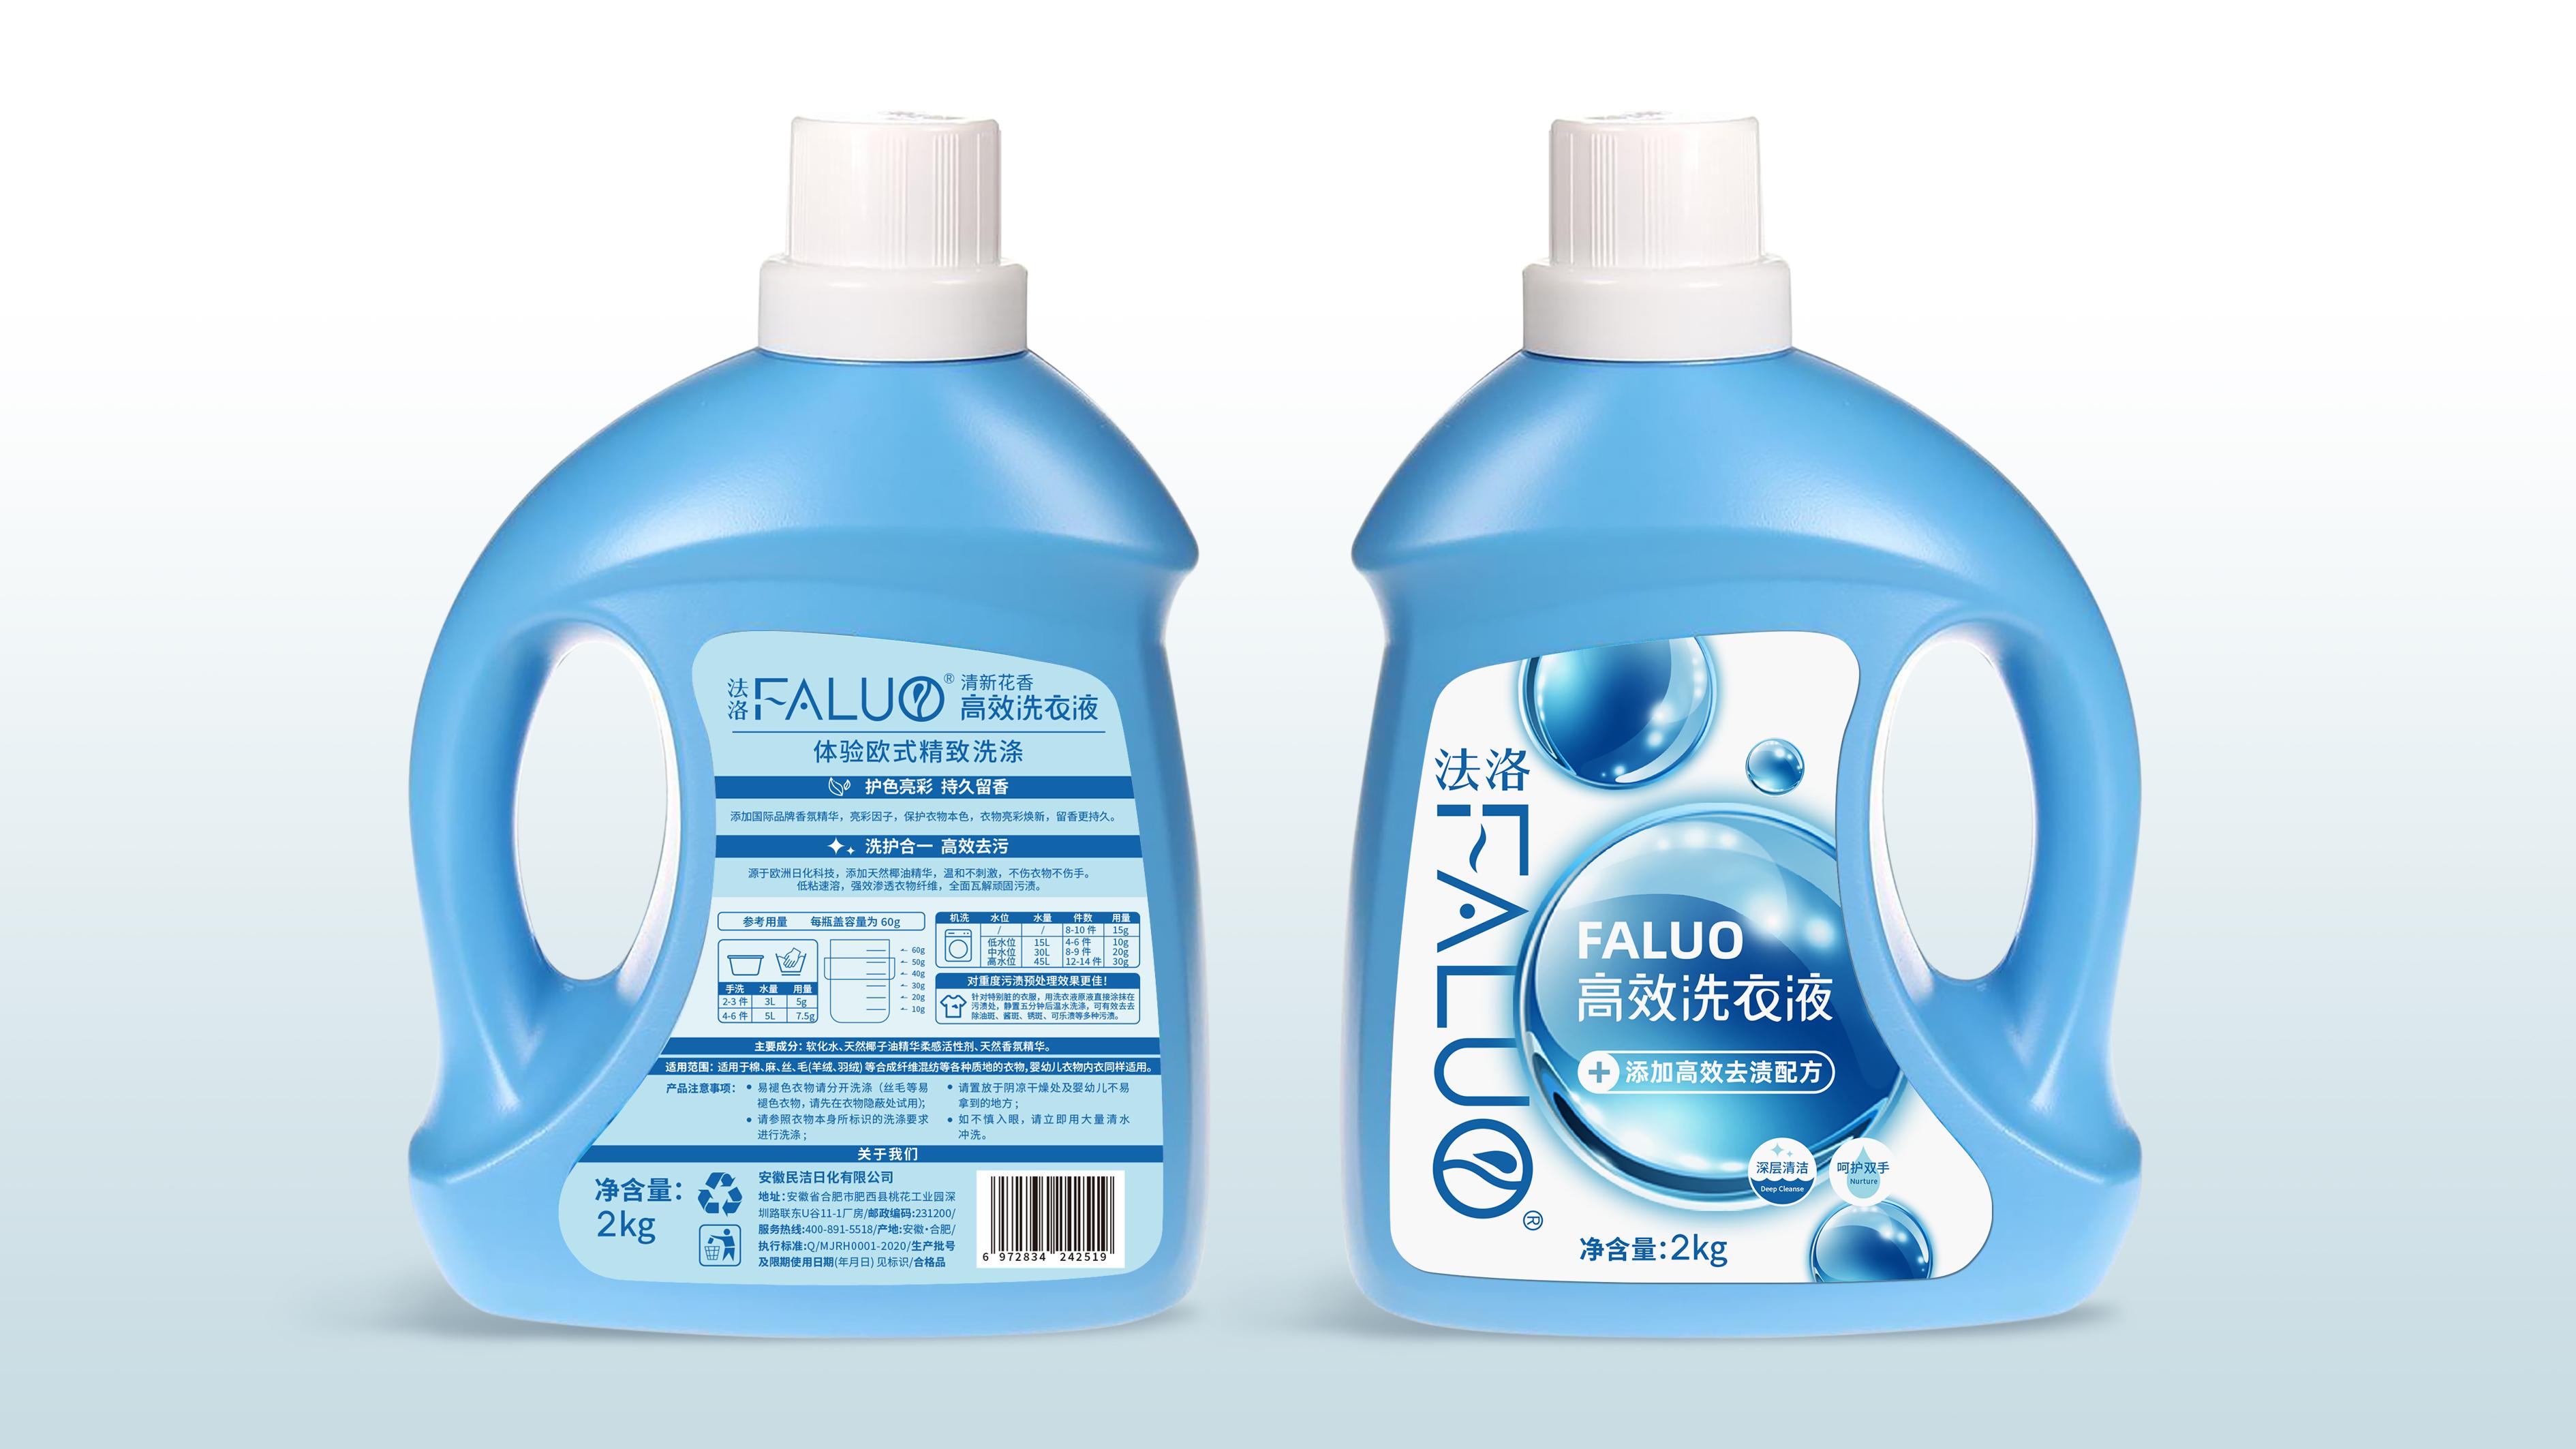 法洛高效洗衣液包装设计